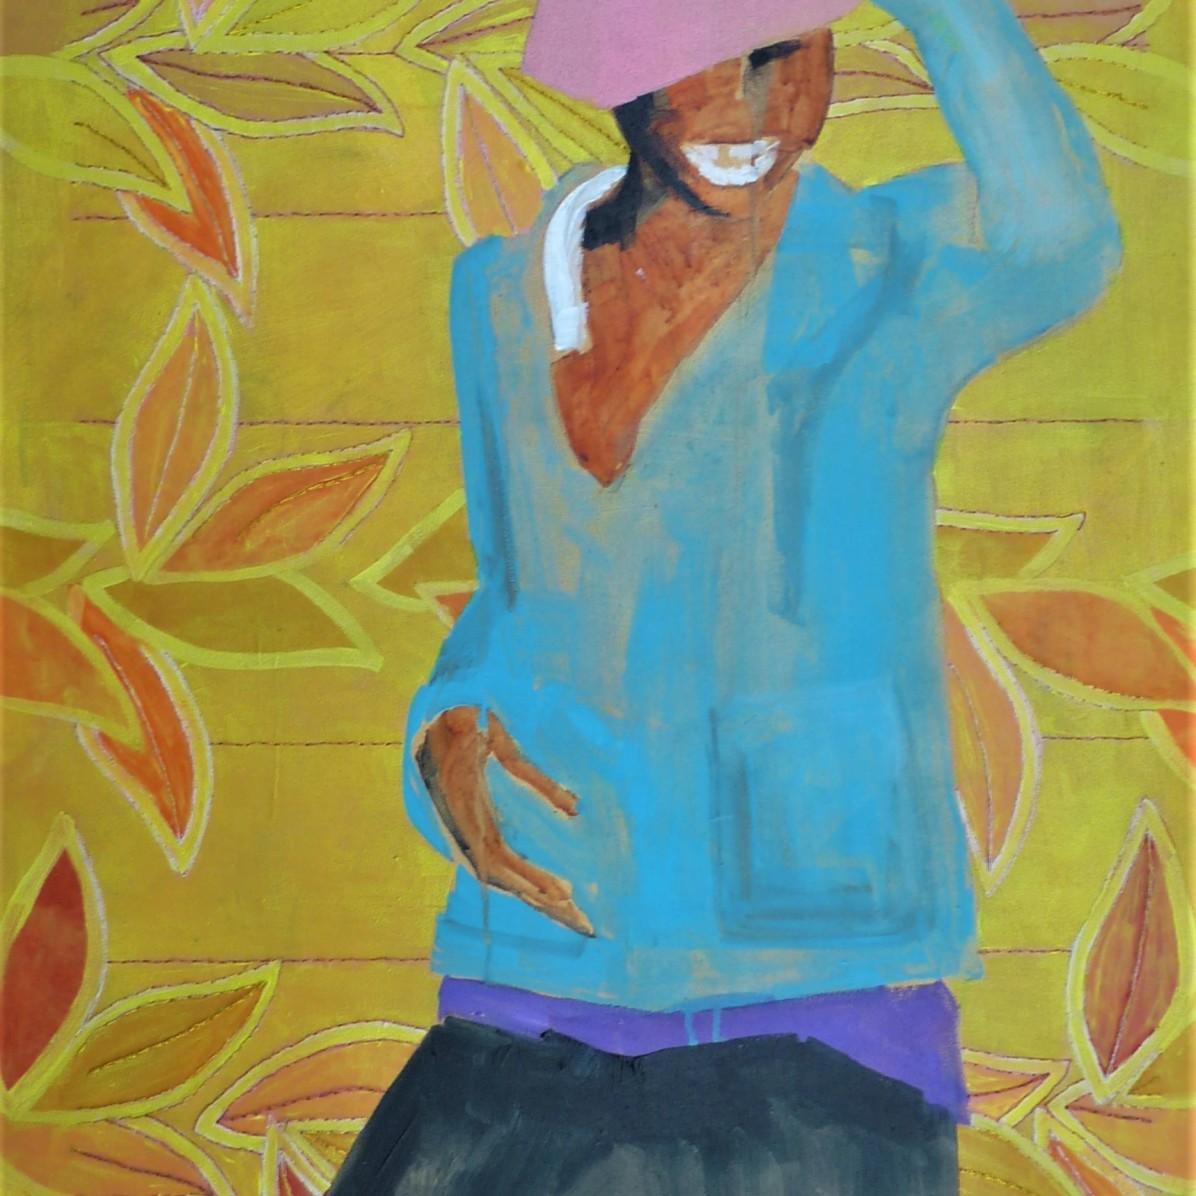 #4 - SOLD - 60 x 90 cm - Acrylverf en borduurgaren op canvas